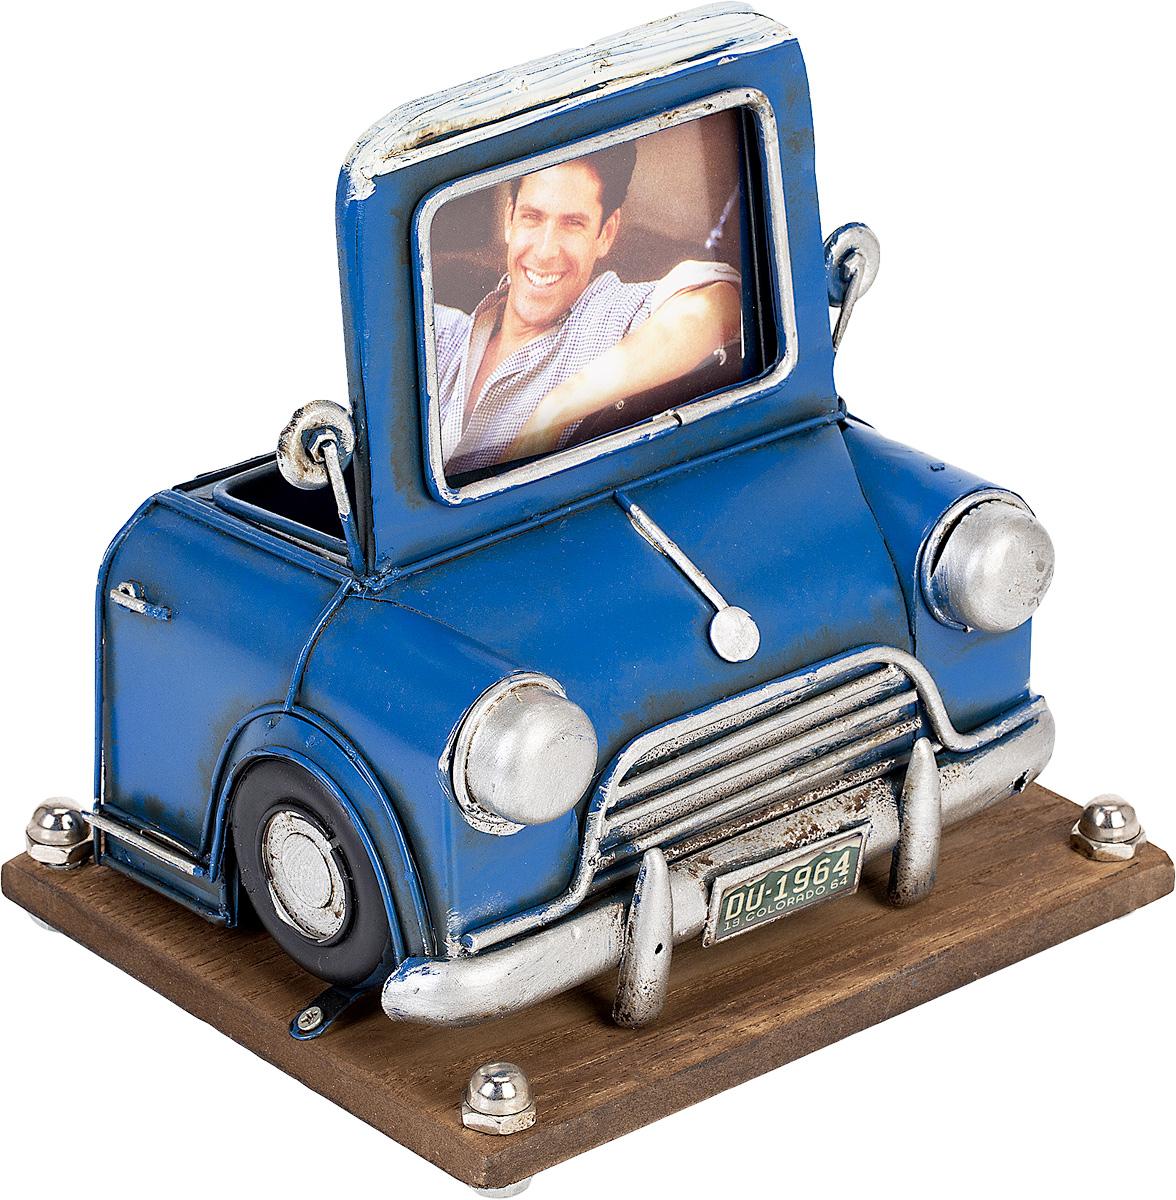 Фоторамка Platinum Автомобиль, с подставкой для ручек, 6 х 8 см1404B-1290Фоторамка Platinum Автомобиль, выполненная из металла, оснащена подставкой для ручек и карандашей. Такая фоторамка поможет вам оригинально и стильно дополнить интерьер помещения, а также позволит сохранить память о дорогих вам людях и интересных событиях вашей жизни.